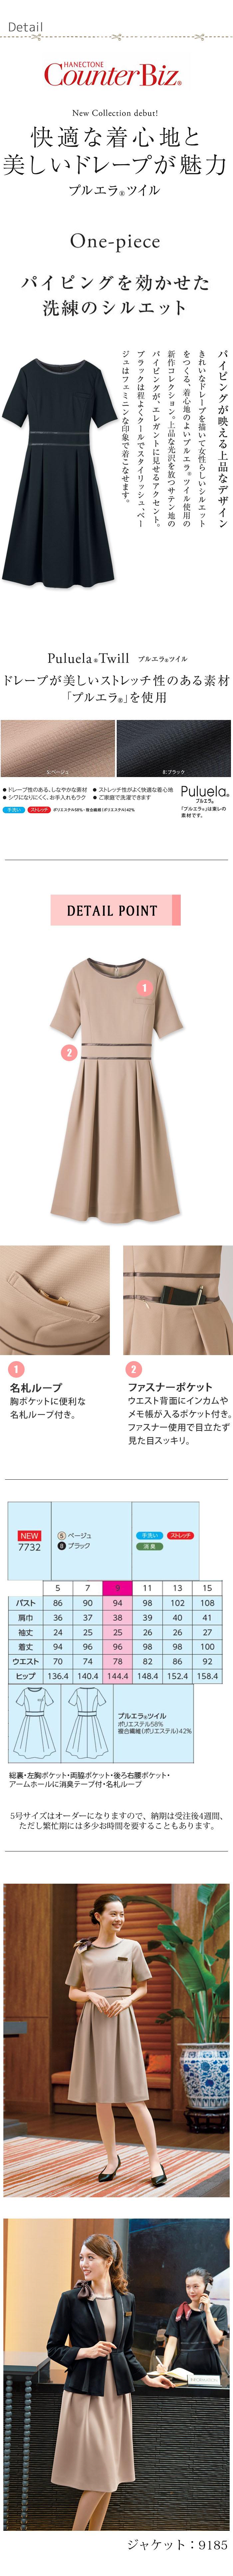 美しいドレープが魅力 ペプラムがエレガントなジャケット【2色】